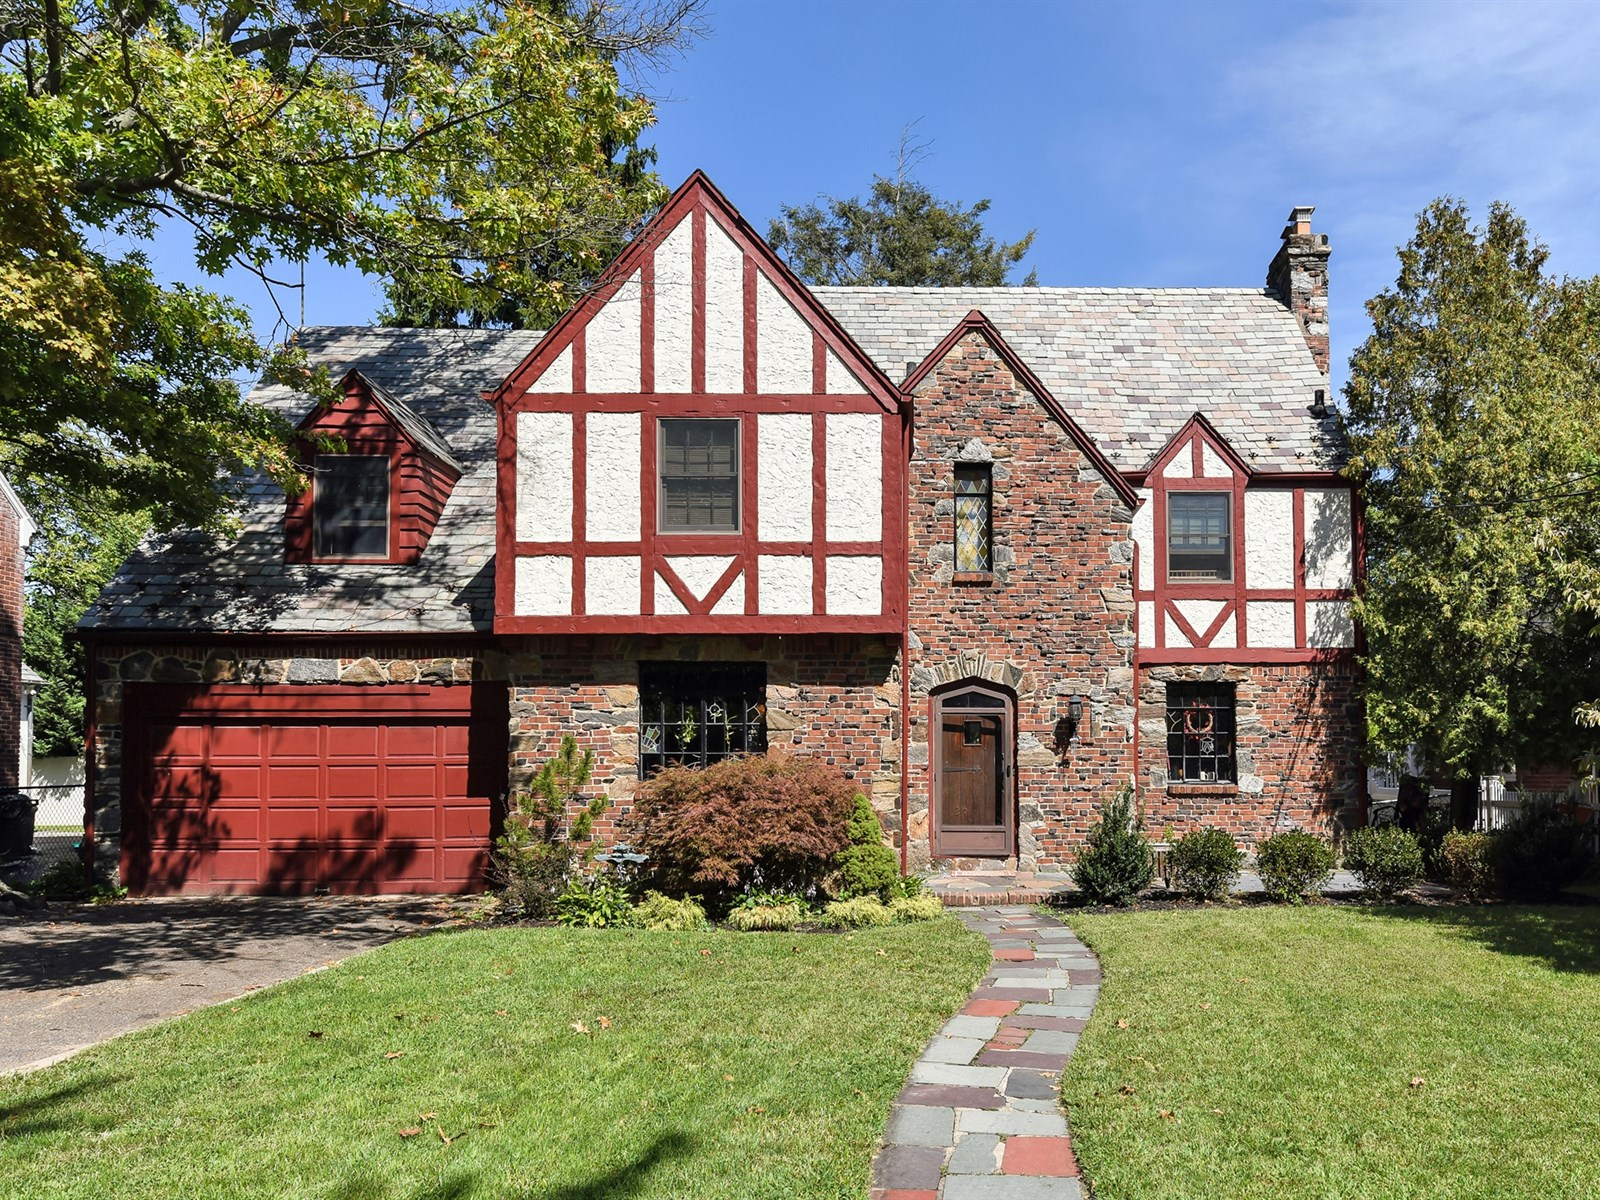 独户住宅 为 销售 在 Tudor 25 Heyward Ln 罗克韦尔市, 纽约州 11570 美国